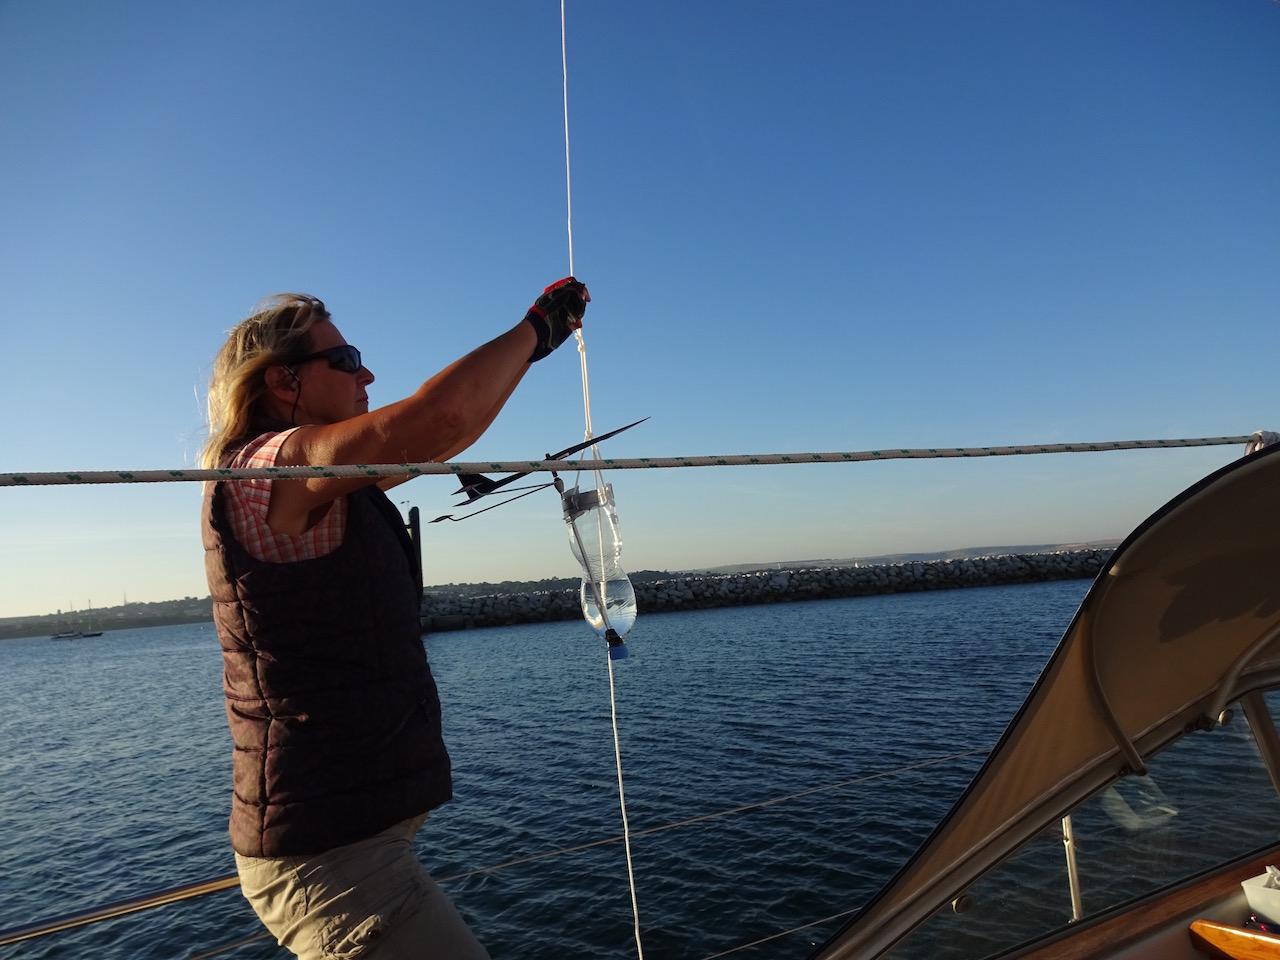 Windex im Wasser - damit sie der Wind nicht wegweht